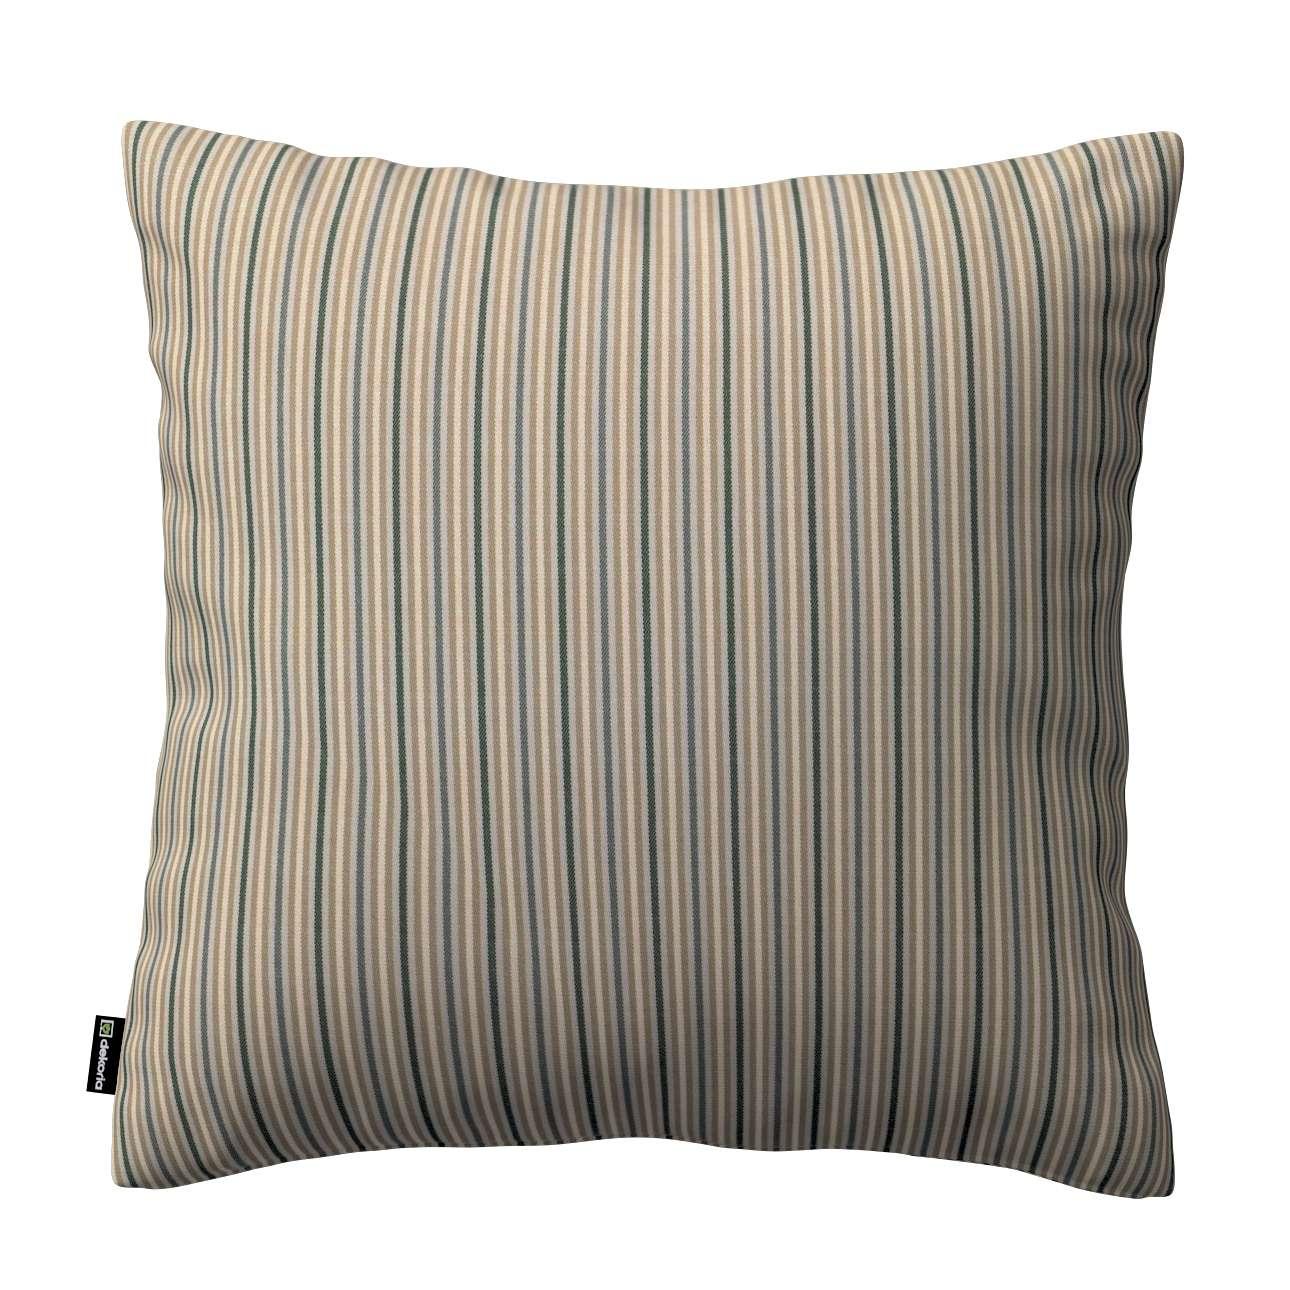 Poszewka Kinga na poduszkę w kolekcji Londres, tkanina: 143-38